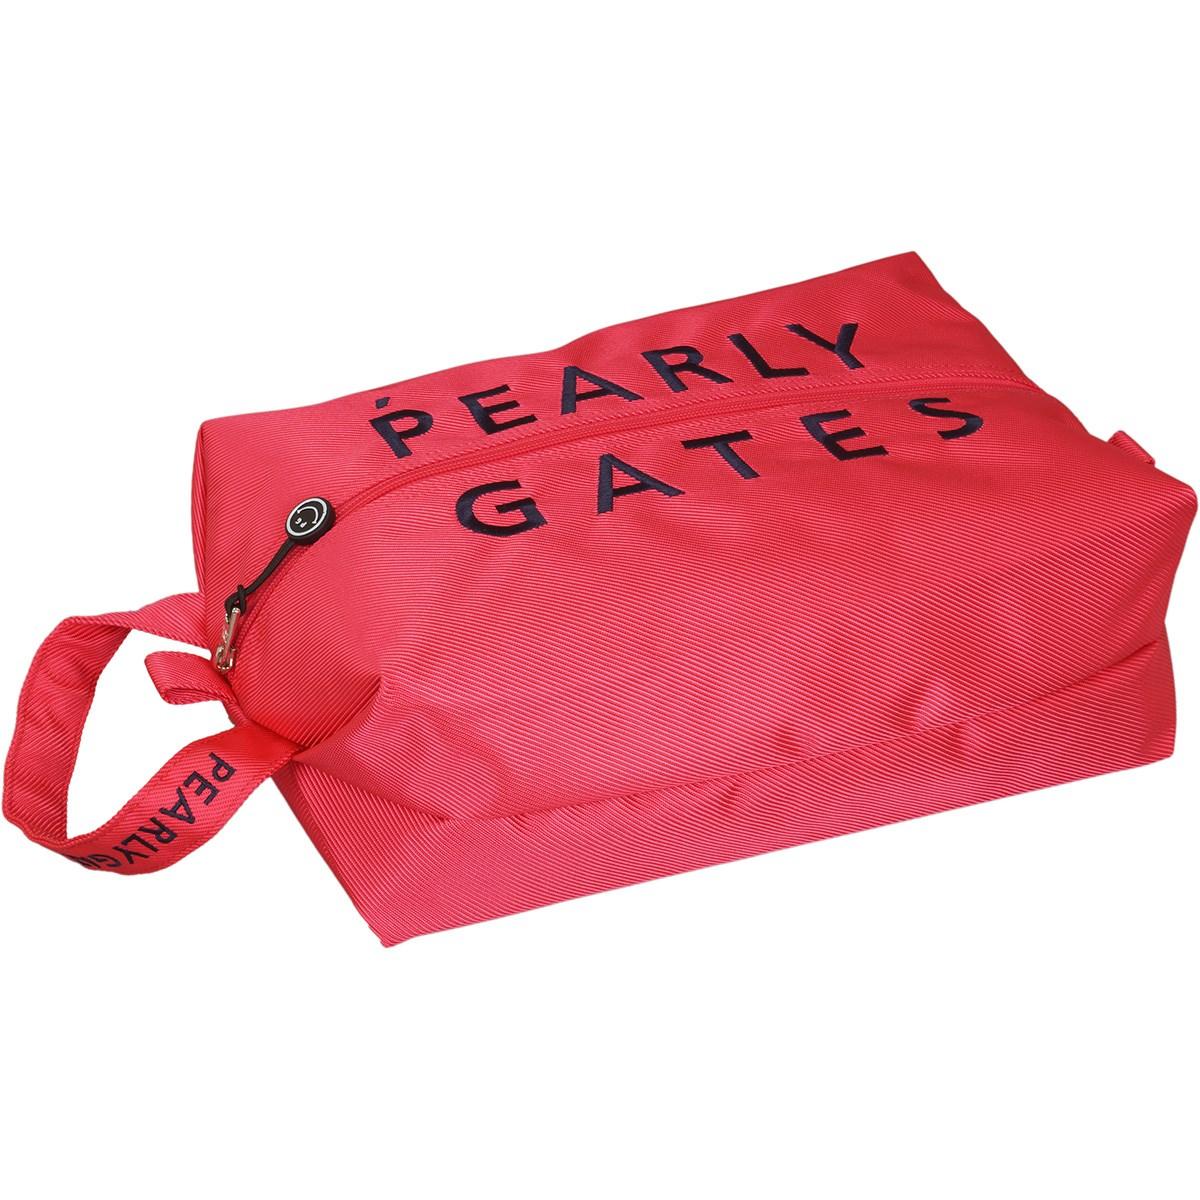 [2020年モデル] パーリーゲイツ PEARLY GATES シューズケース ピンク 090 メンズ ゴルフ